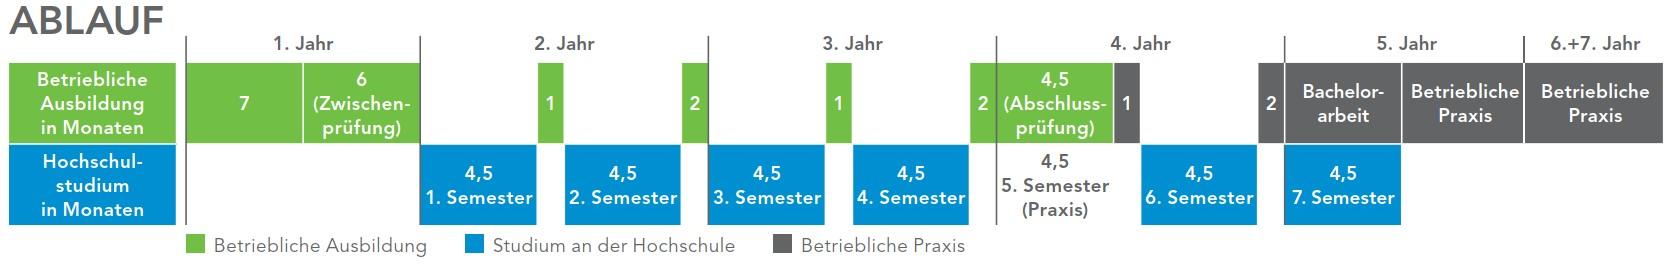 Duales Studium bei Gruber - Theorie und Praxis vereint.